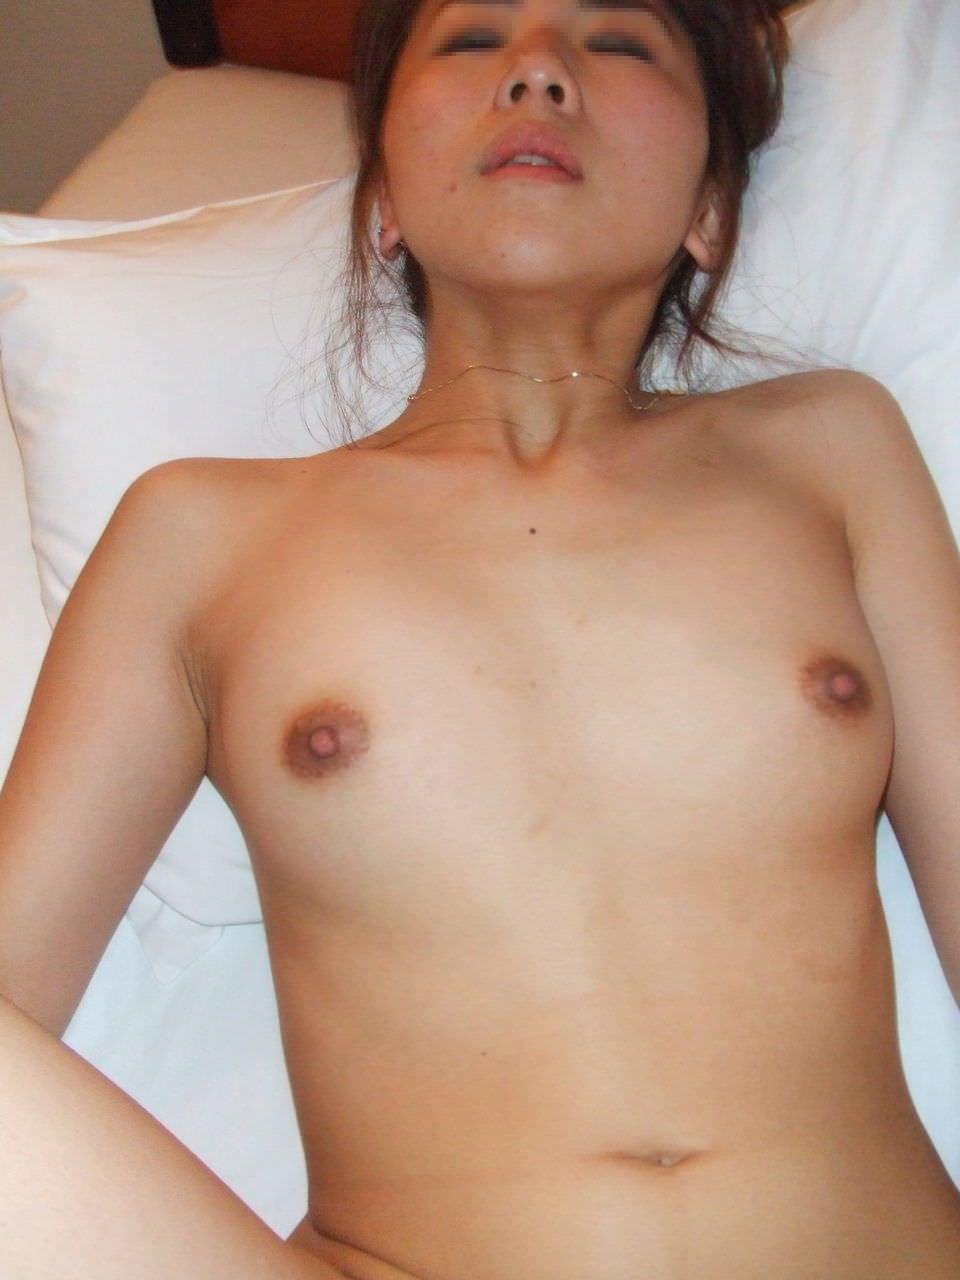 素人人妻のイキ顔エロ画像!!!歳を増す毎に感度ビンビン快感熟女www 0925